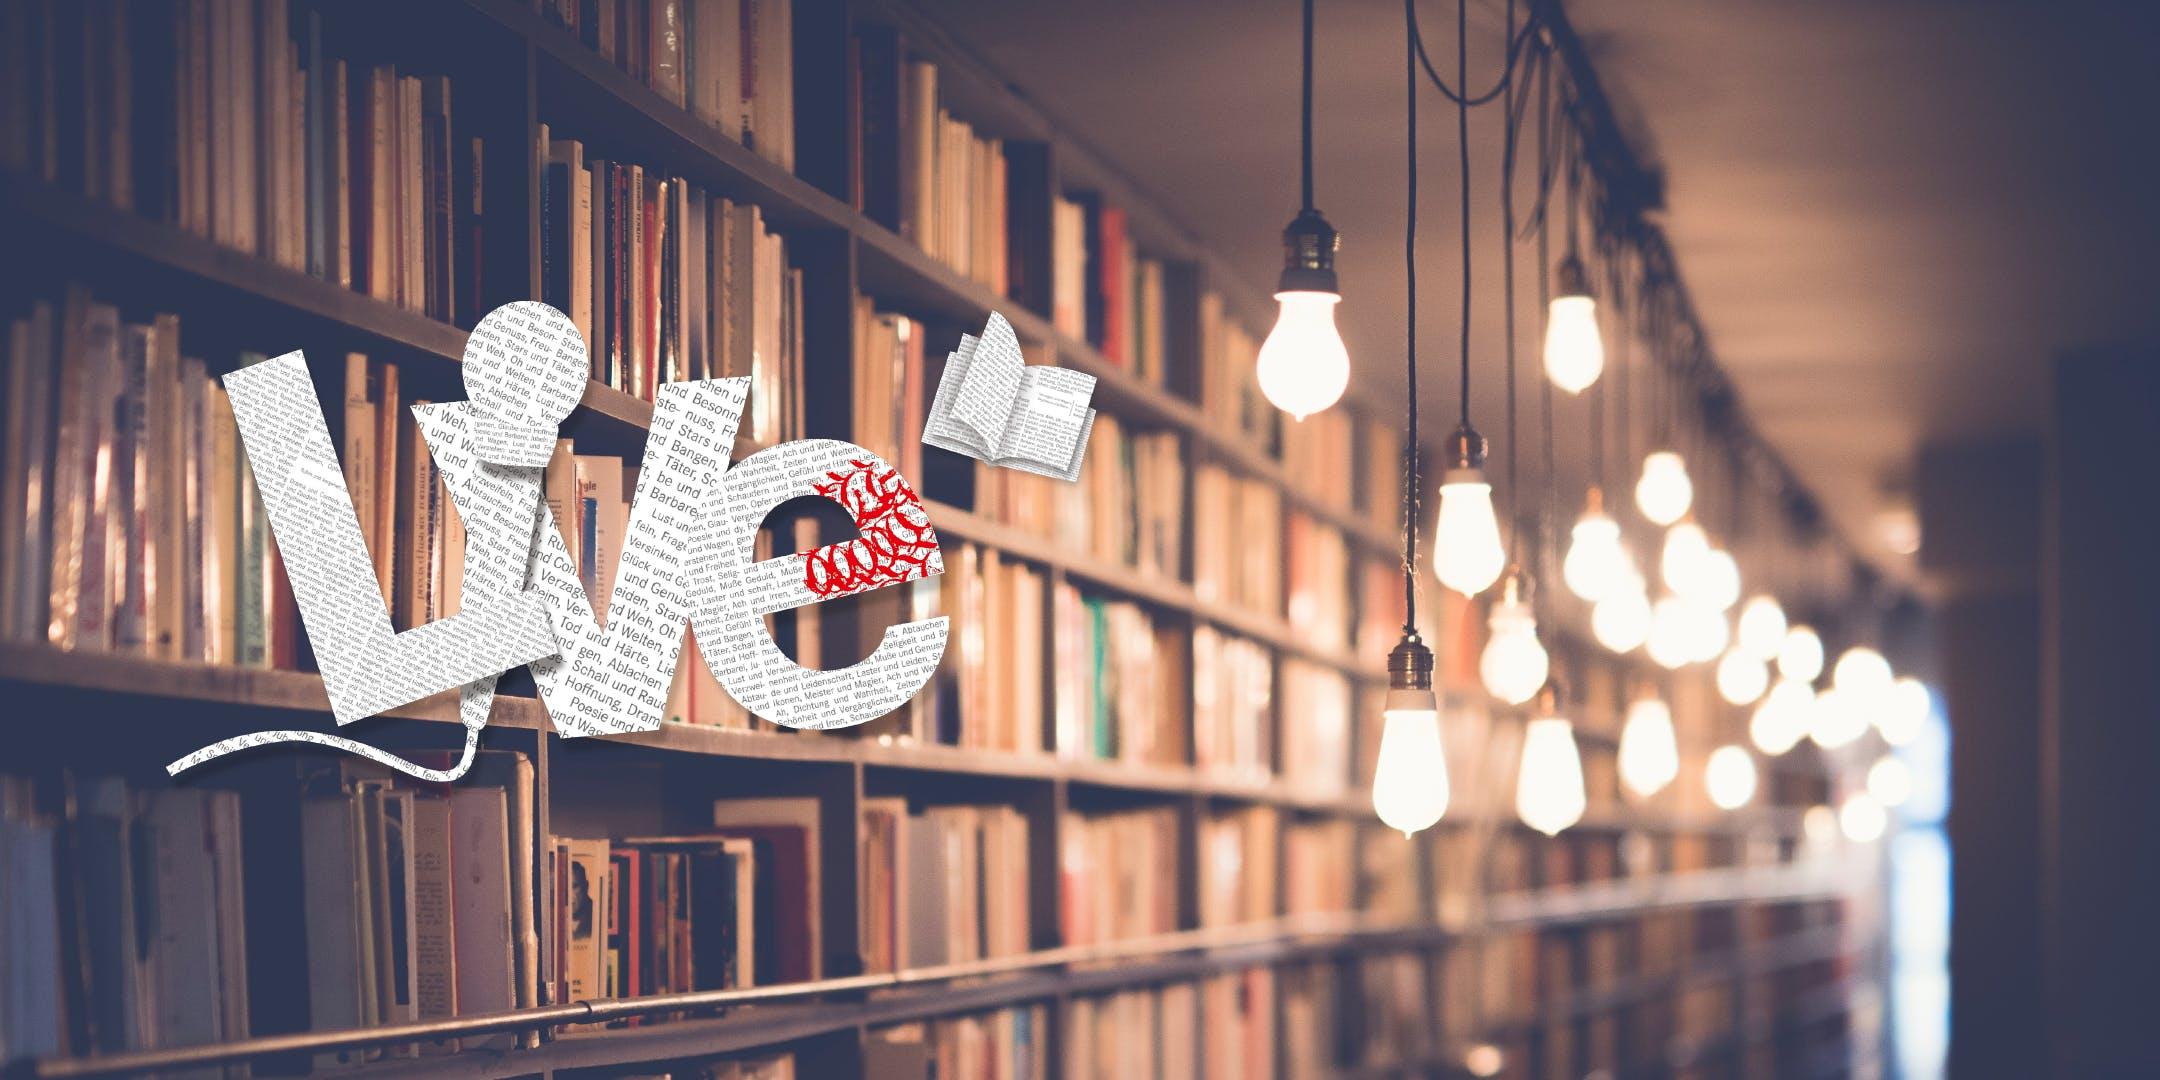 THEMENABEND: Buchgenuss nach Ladenschluss